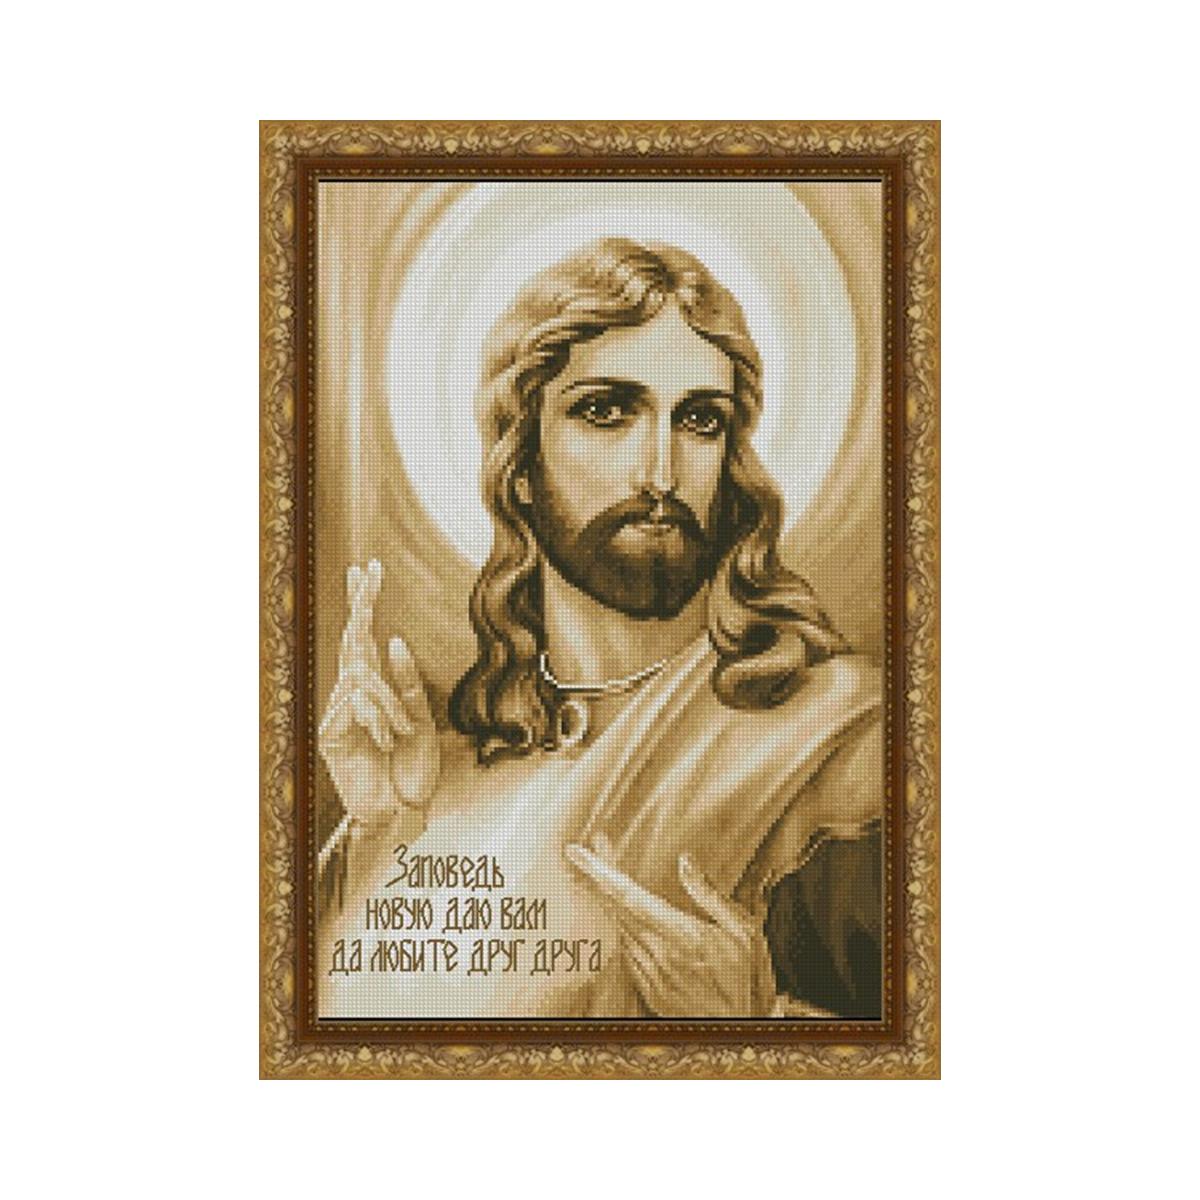 Набор для вышивания Alisena Иисус, 30 x 22 см486100